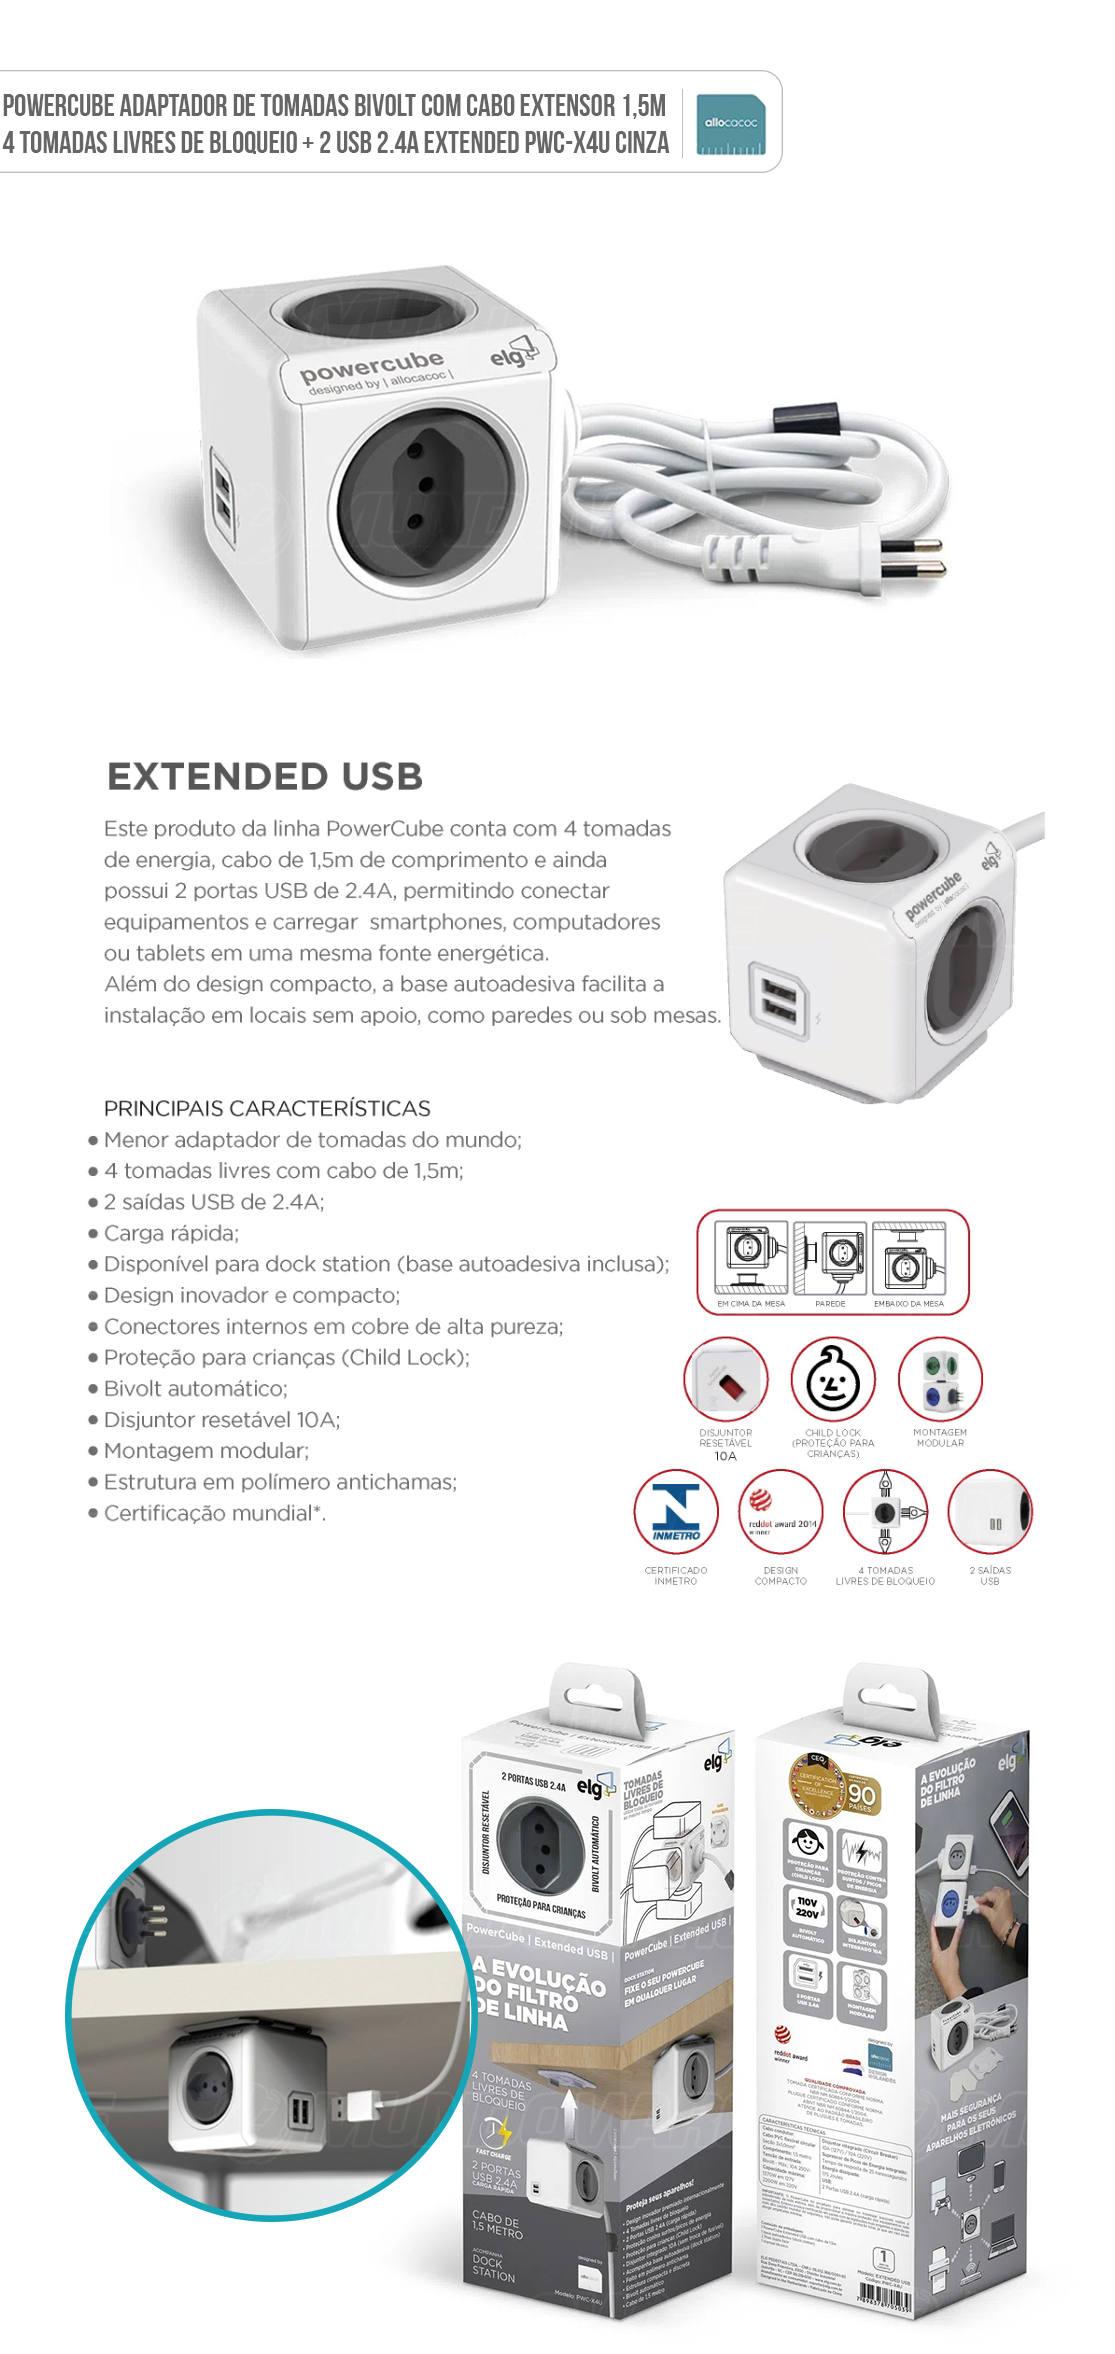 PowerCube Adaptador de Tomadas Bivolt com Cabo Extensor 1,5m com 4 Tomadas Livres de Bloqueio + 2 USB 2.4A PWC-X4U